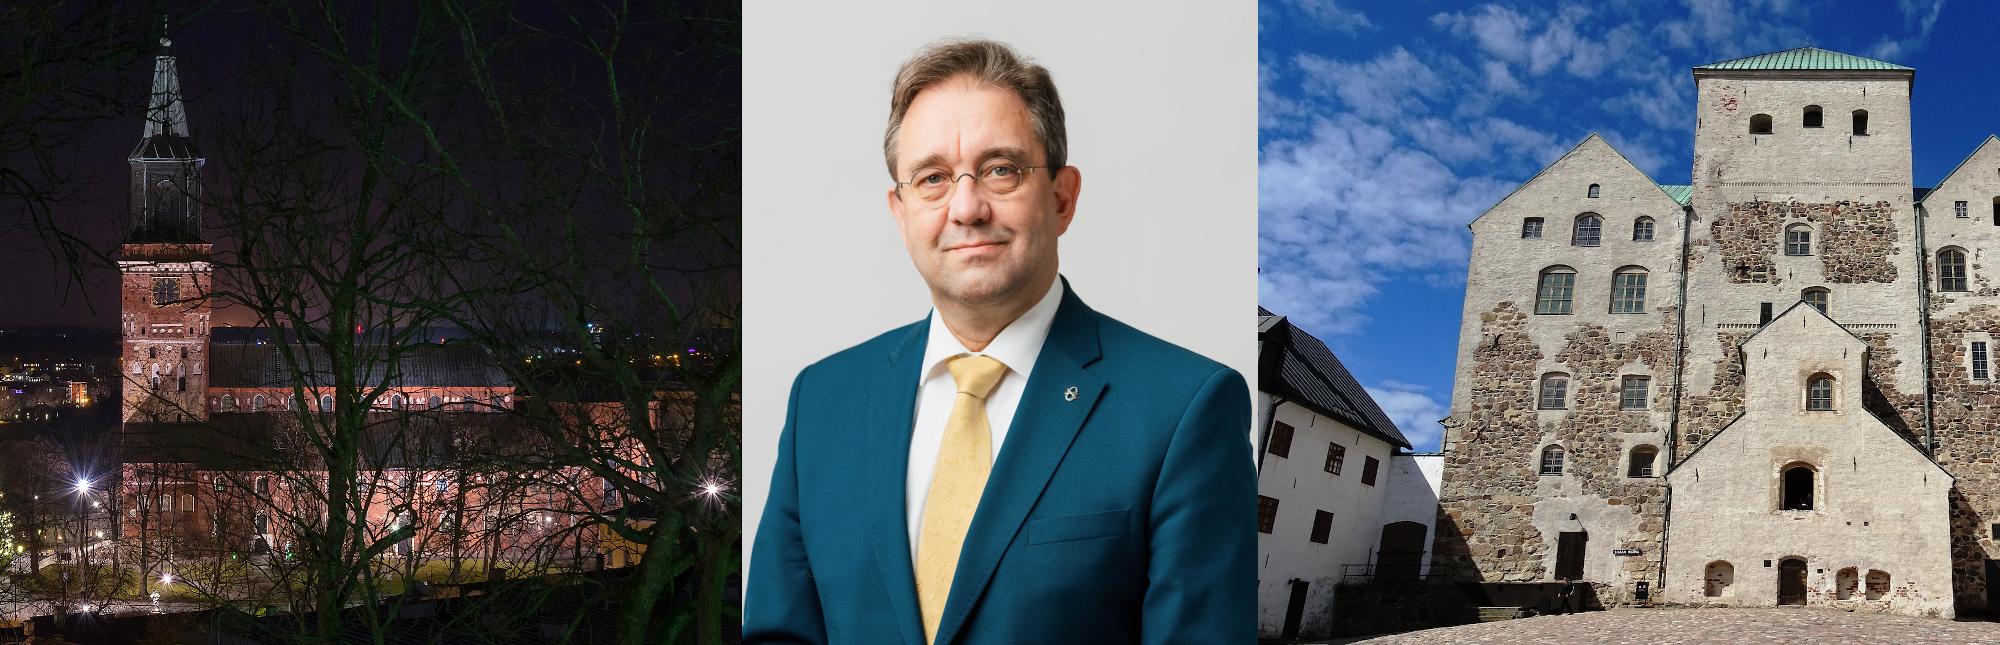 Veli-Pekka Nurmi, kansanedusajaehdokkaasi, pätevä ja mukava